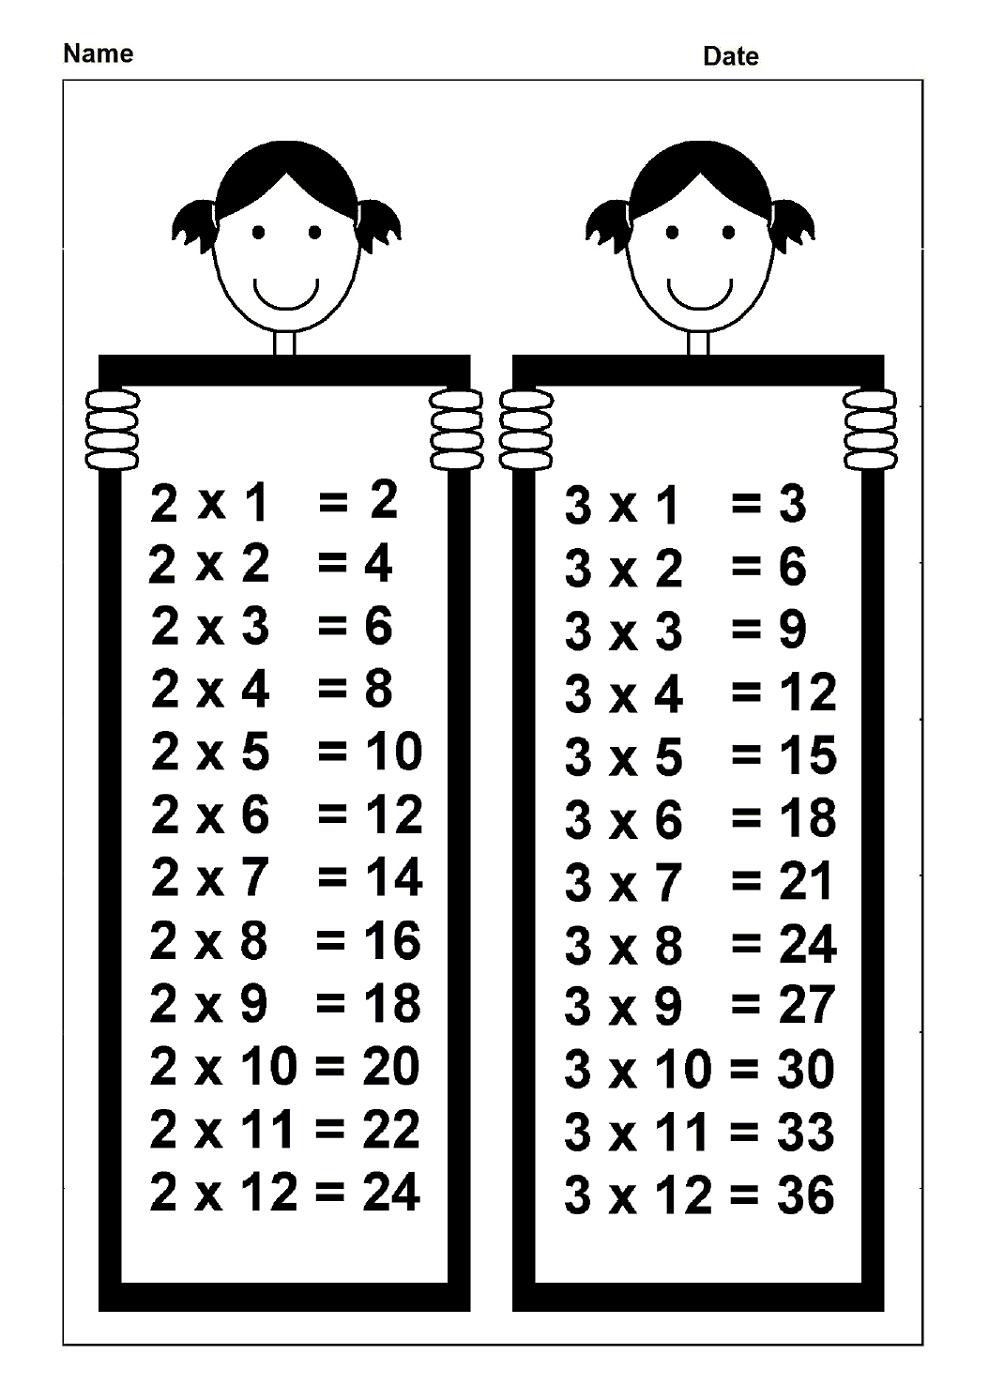 3 times table chart printable